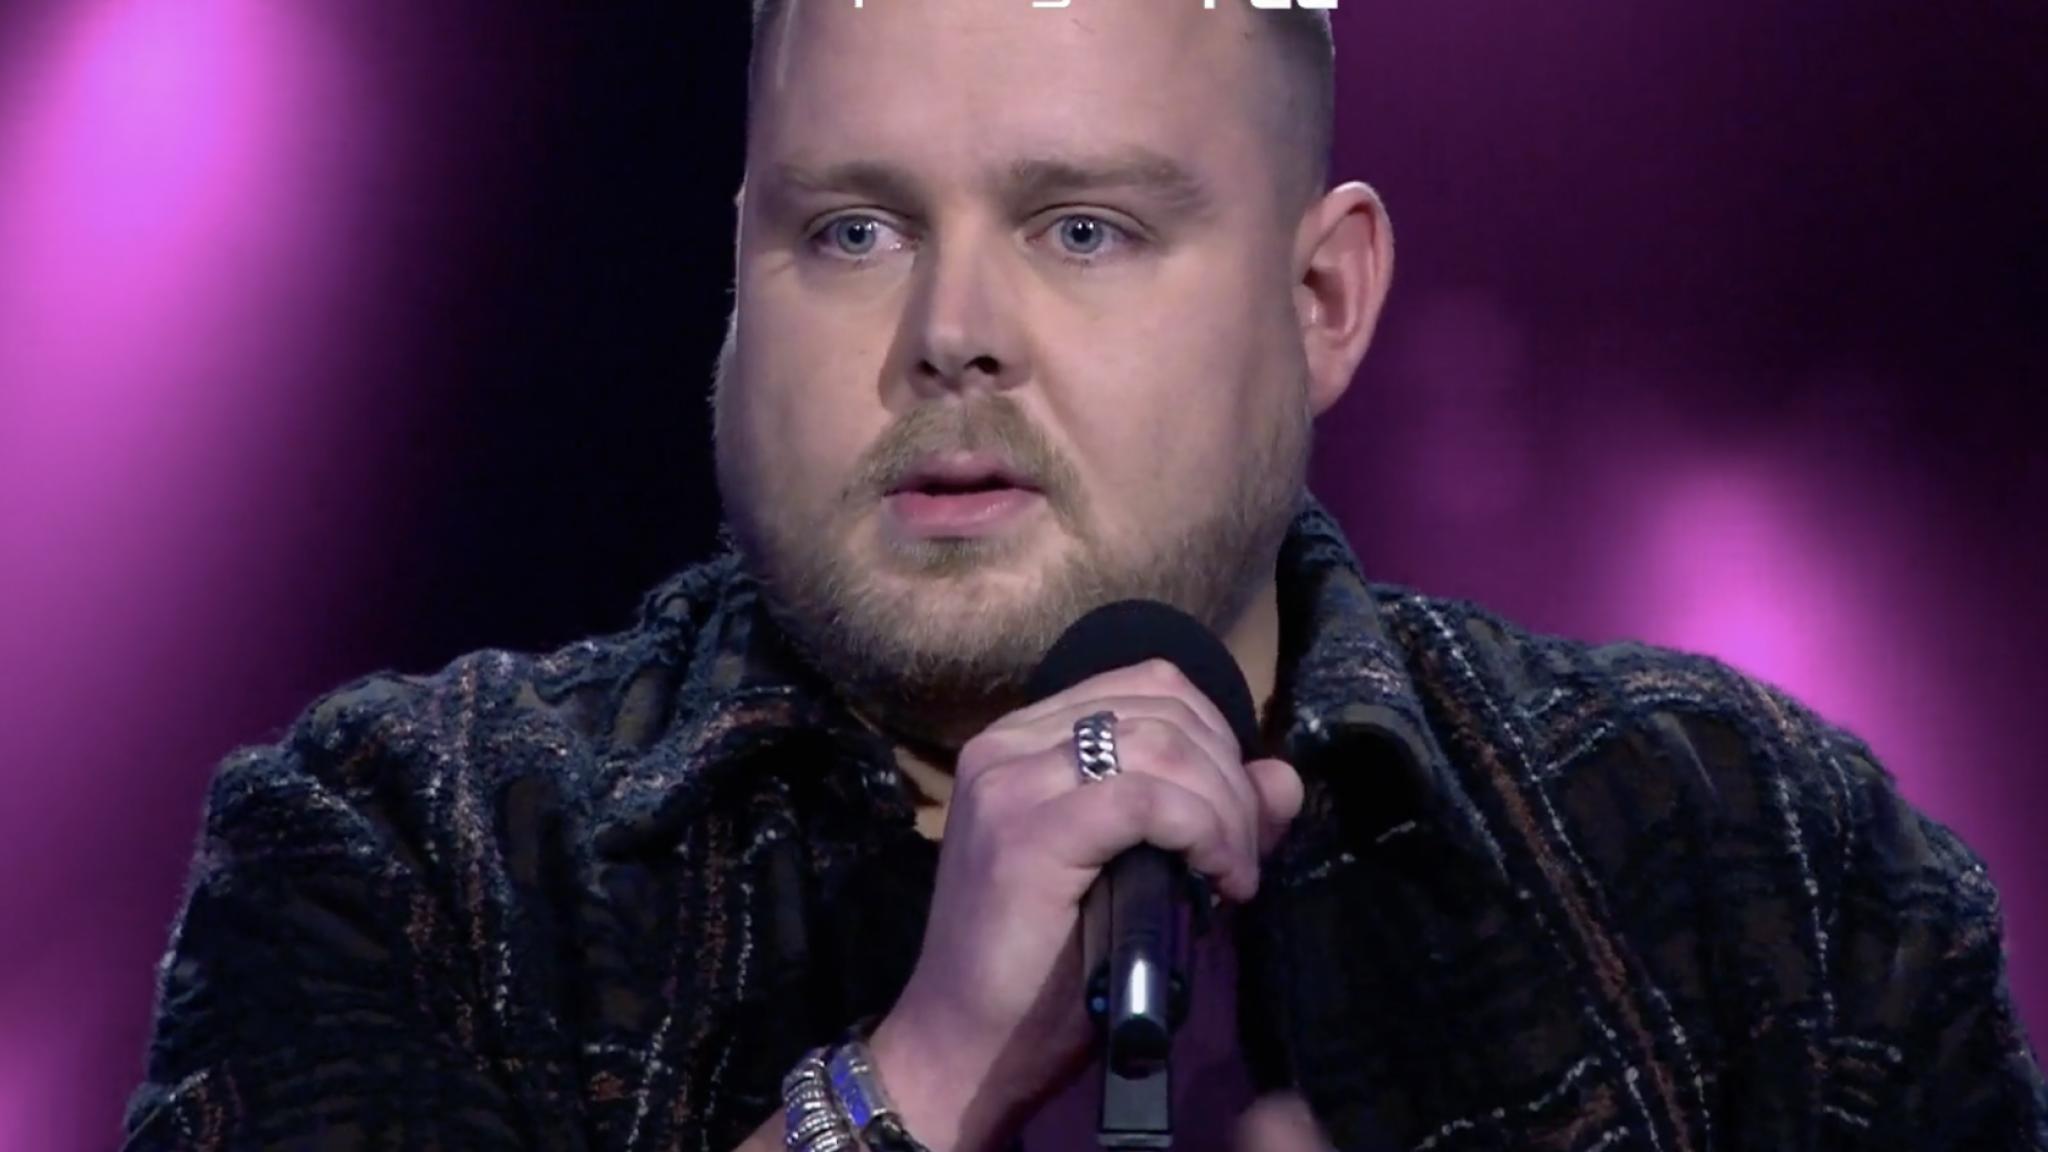 TVOH-optreden Jasper abrupt onderbroken door coaches - RTL Boulevard